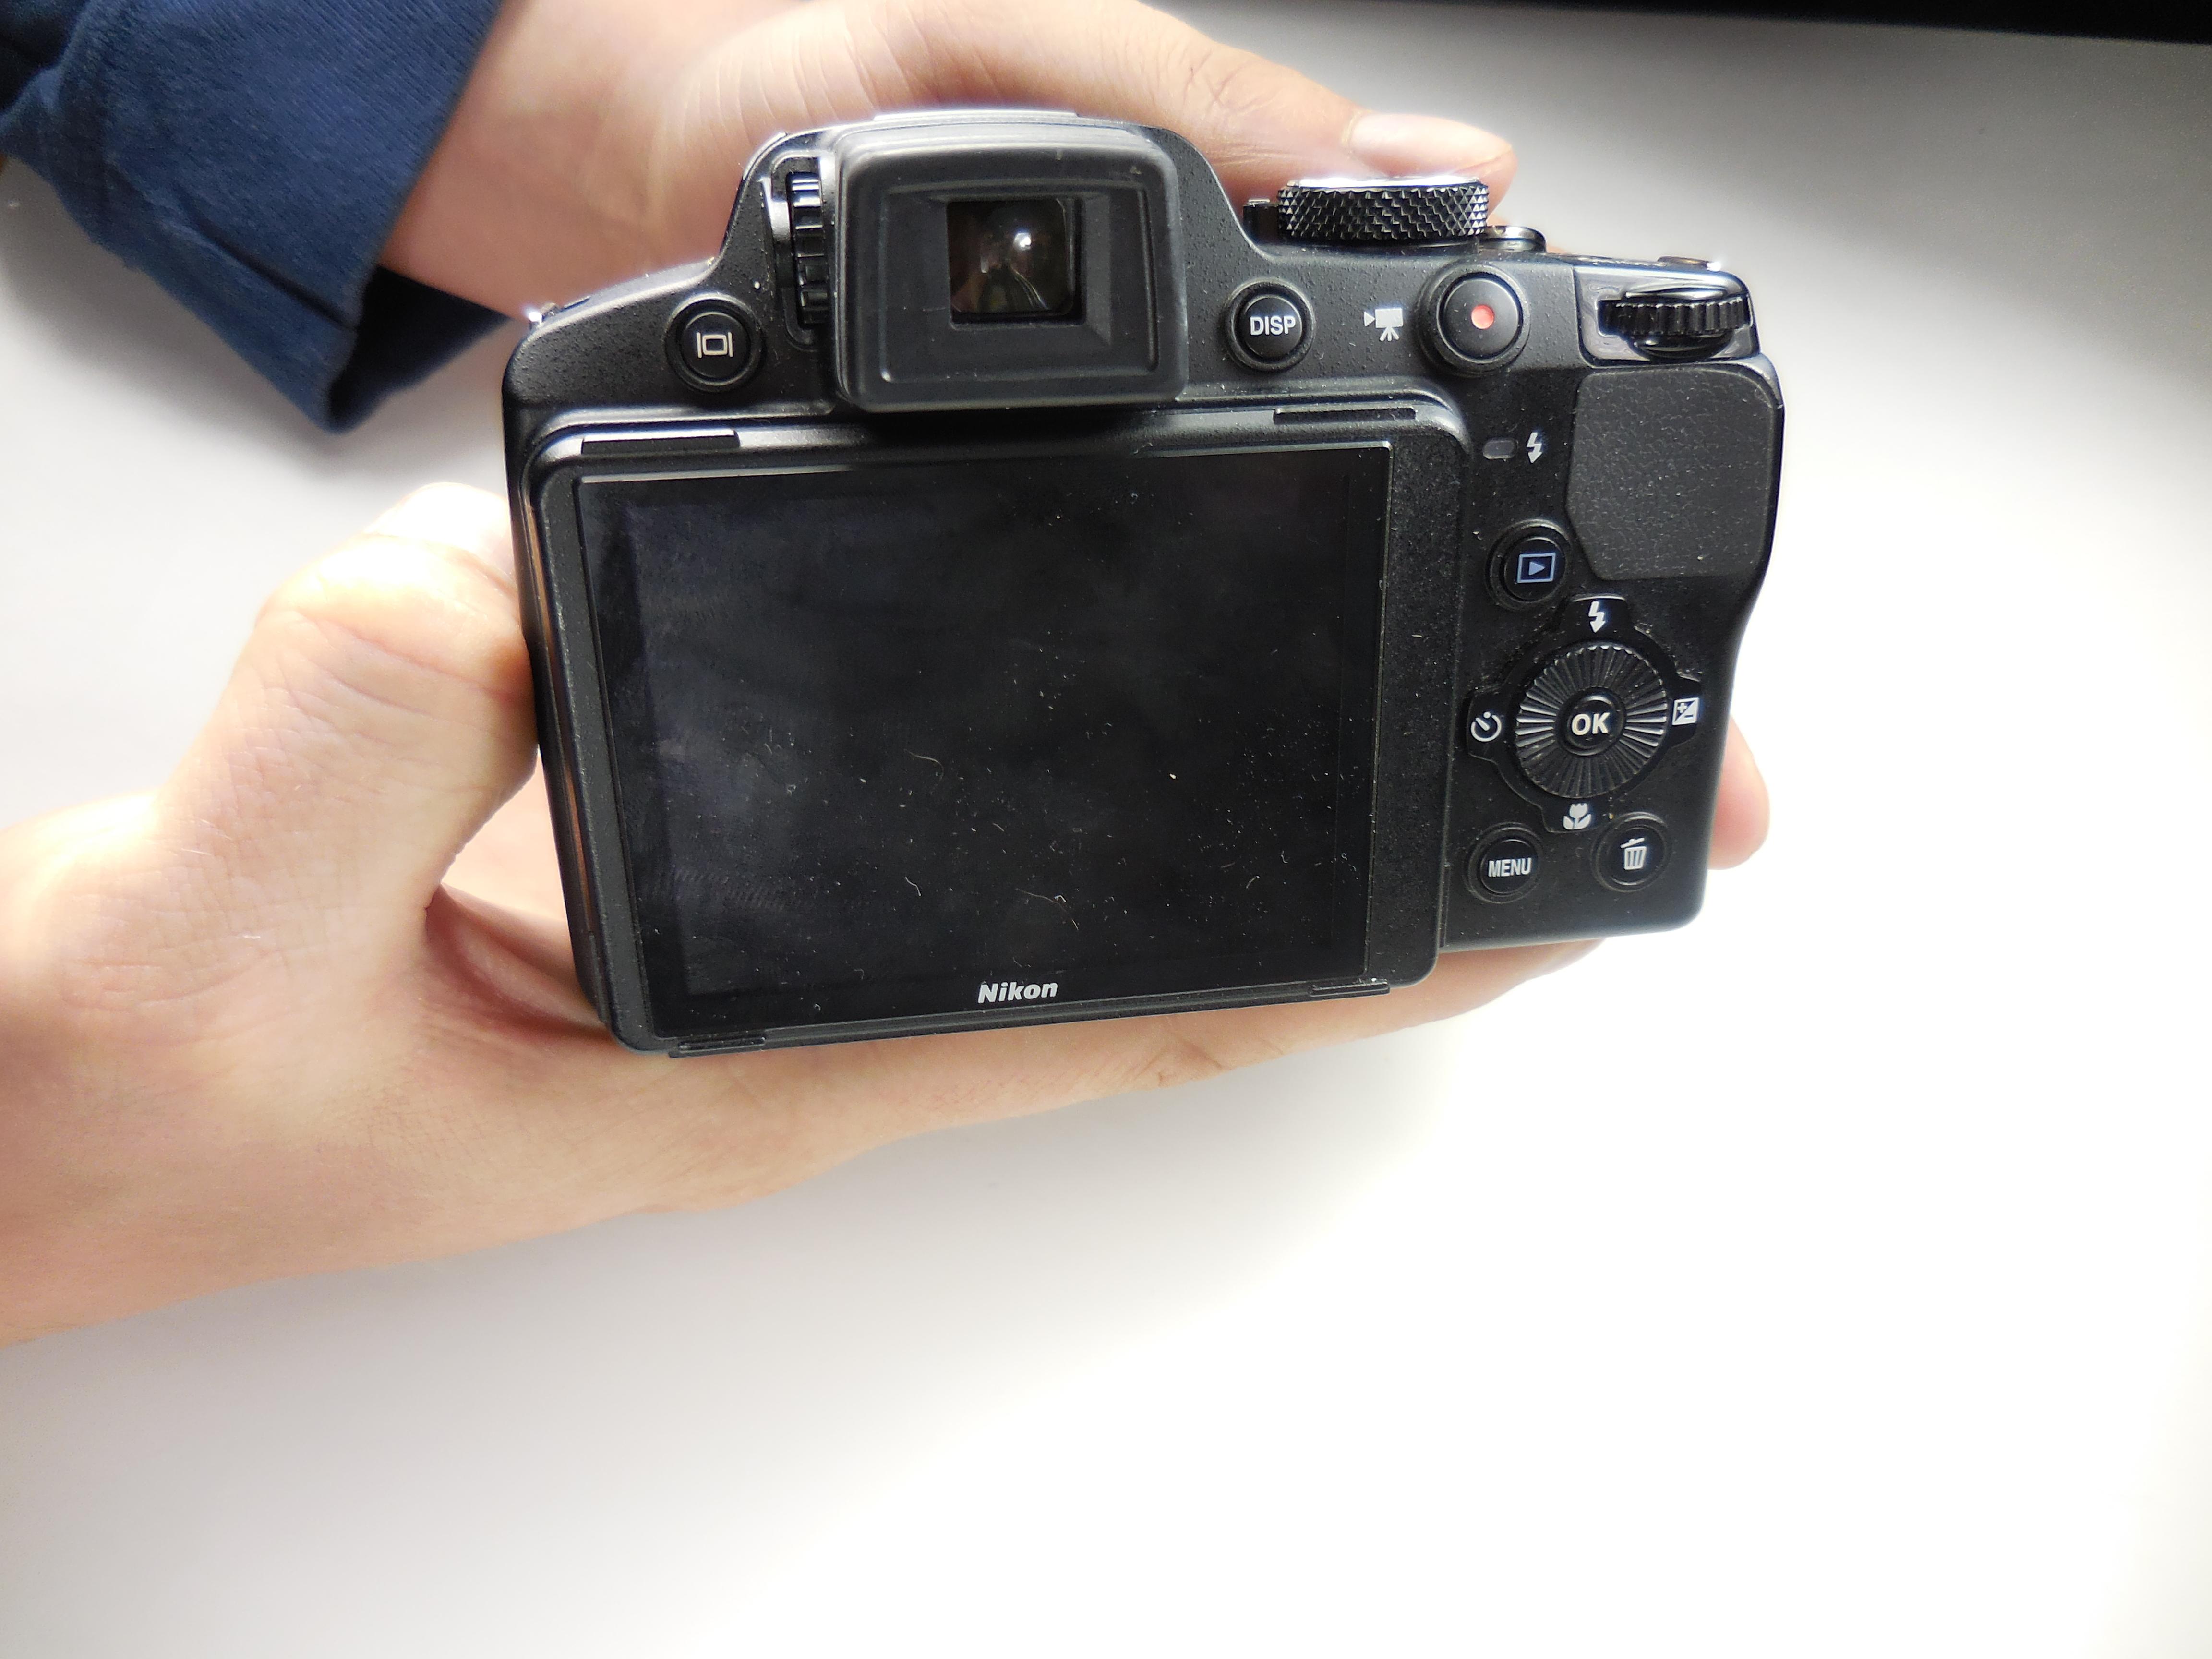 nikon coolpix p510 manual mode